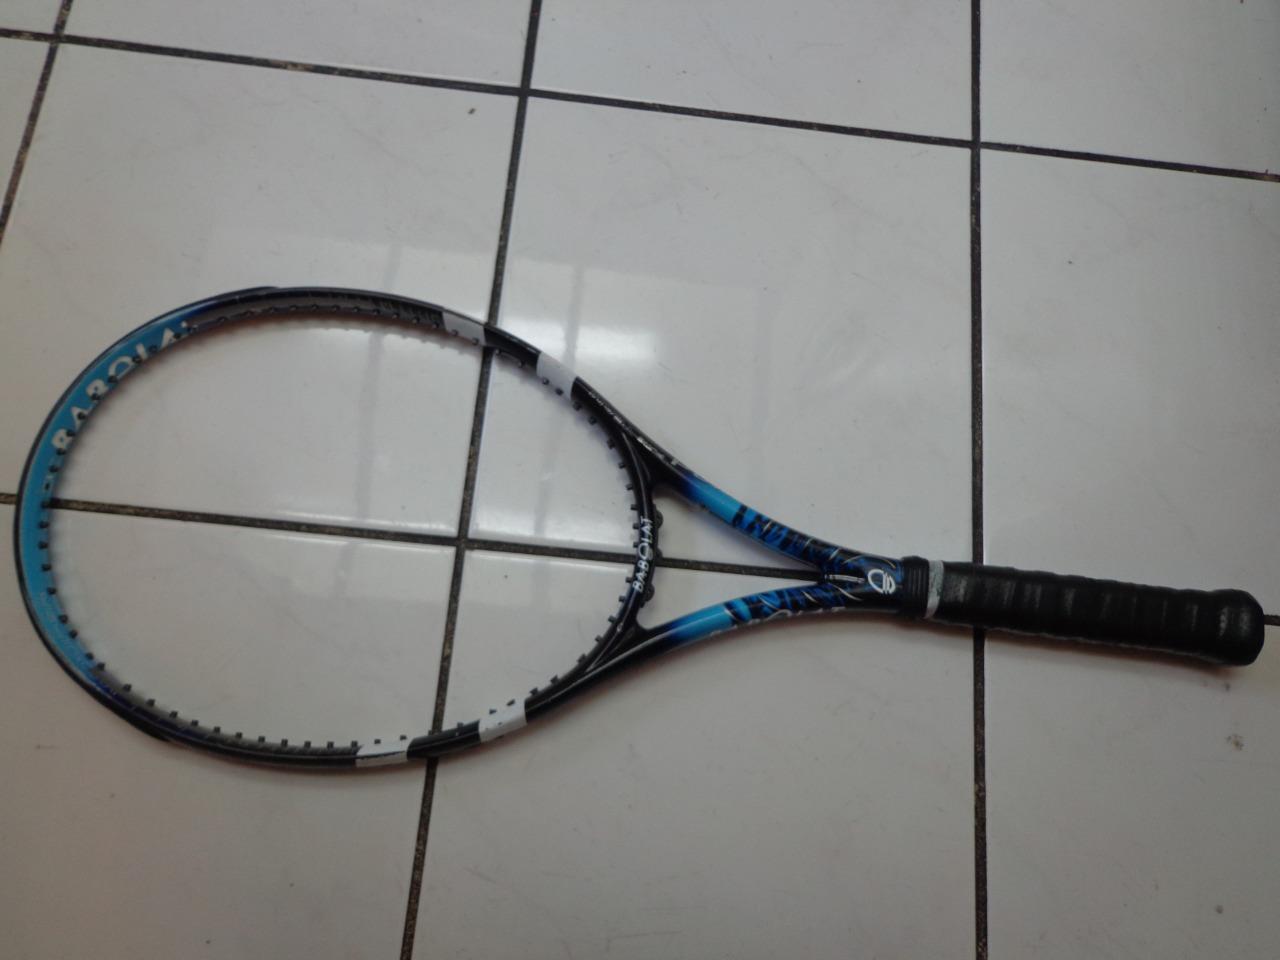 Babolat Pure Unidad Equipo Original con curvas y  giros Plus 27.5 100 4 3 8 Agarre Tenis Raqueta  el mas reciente